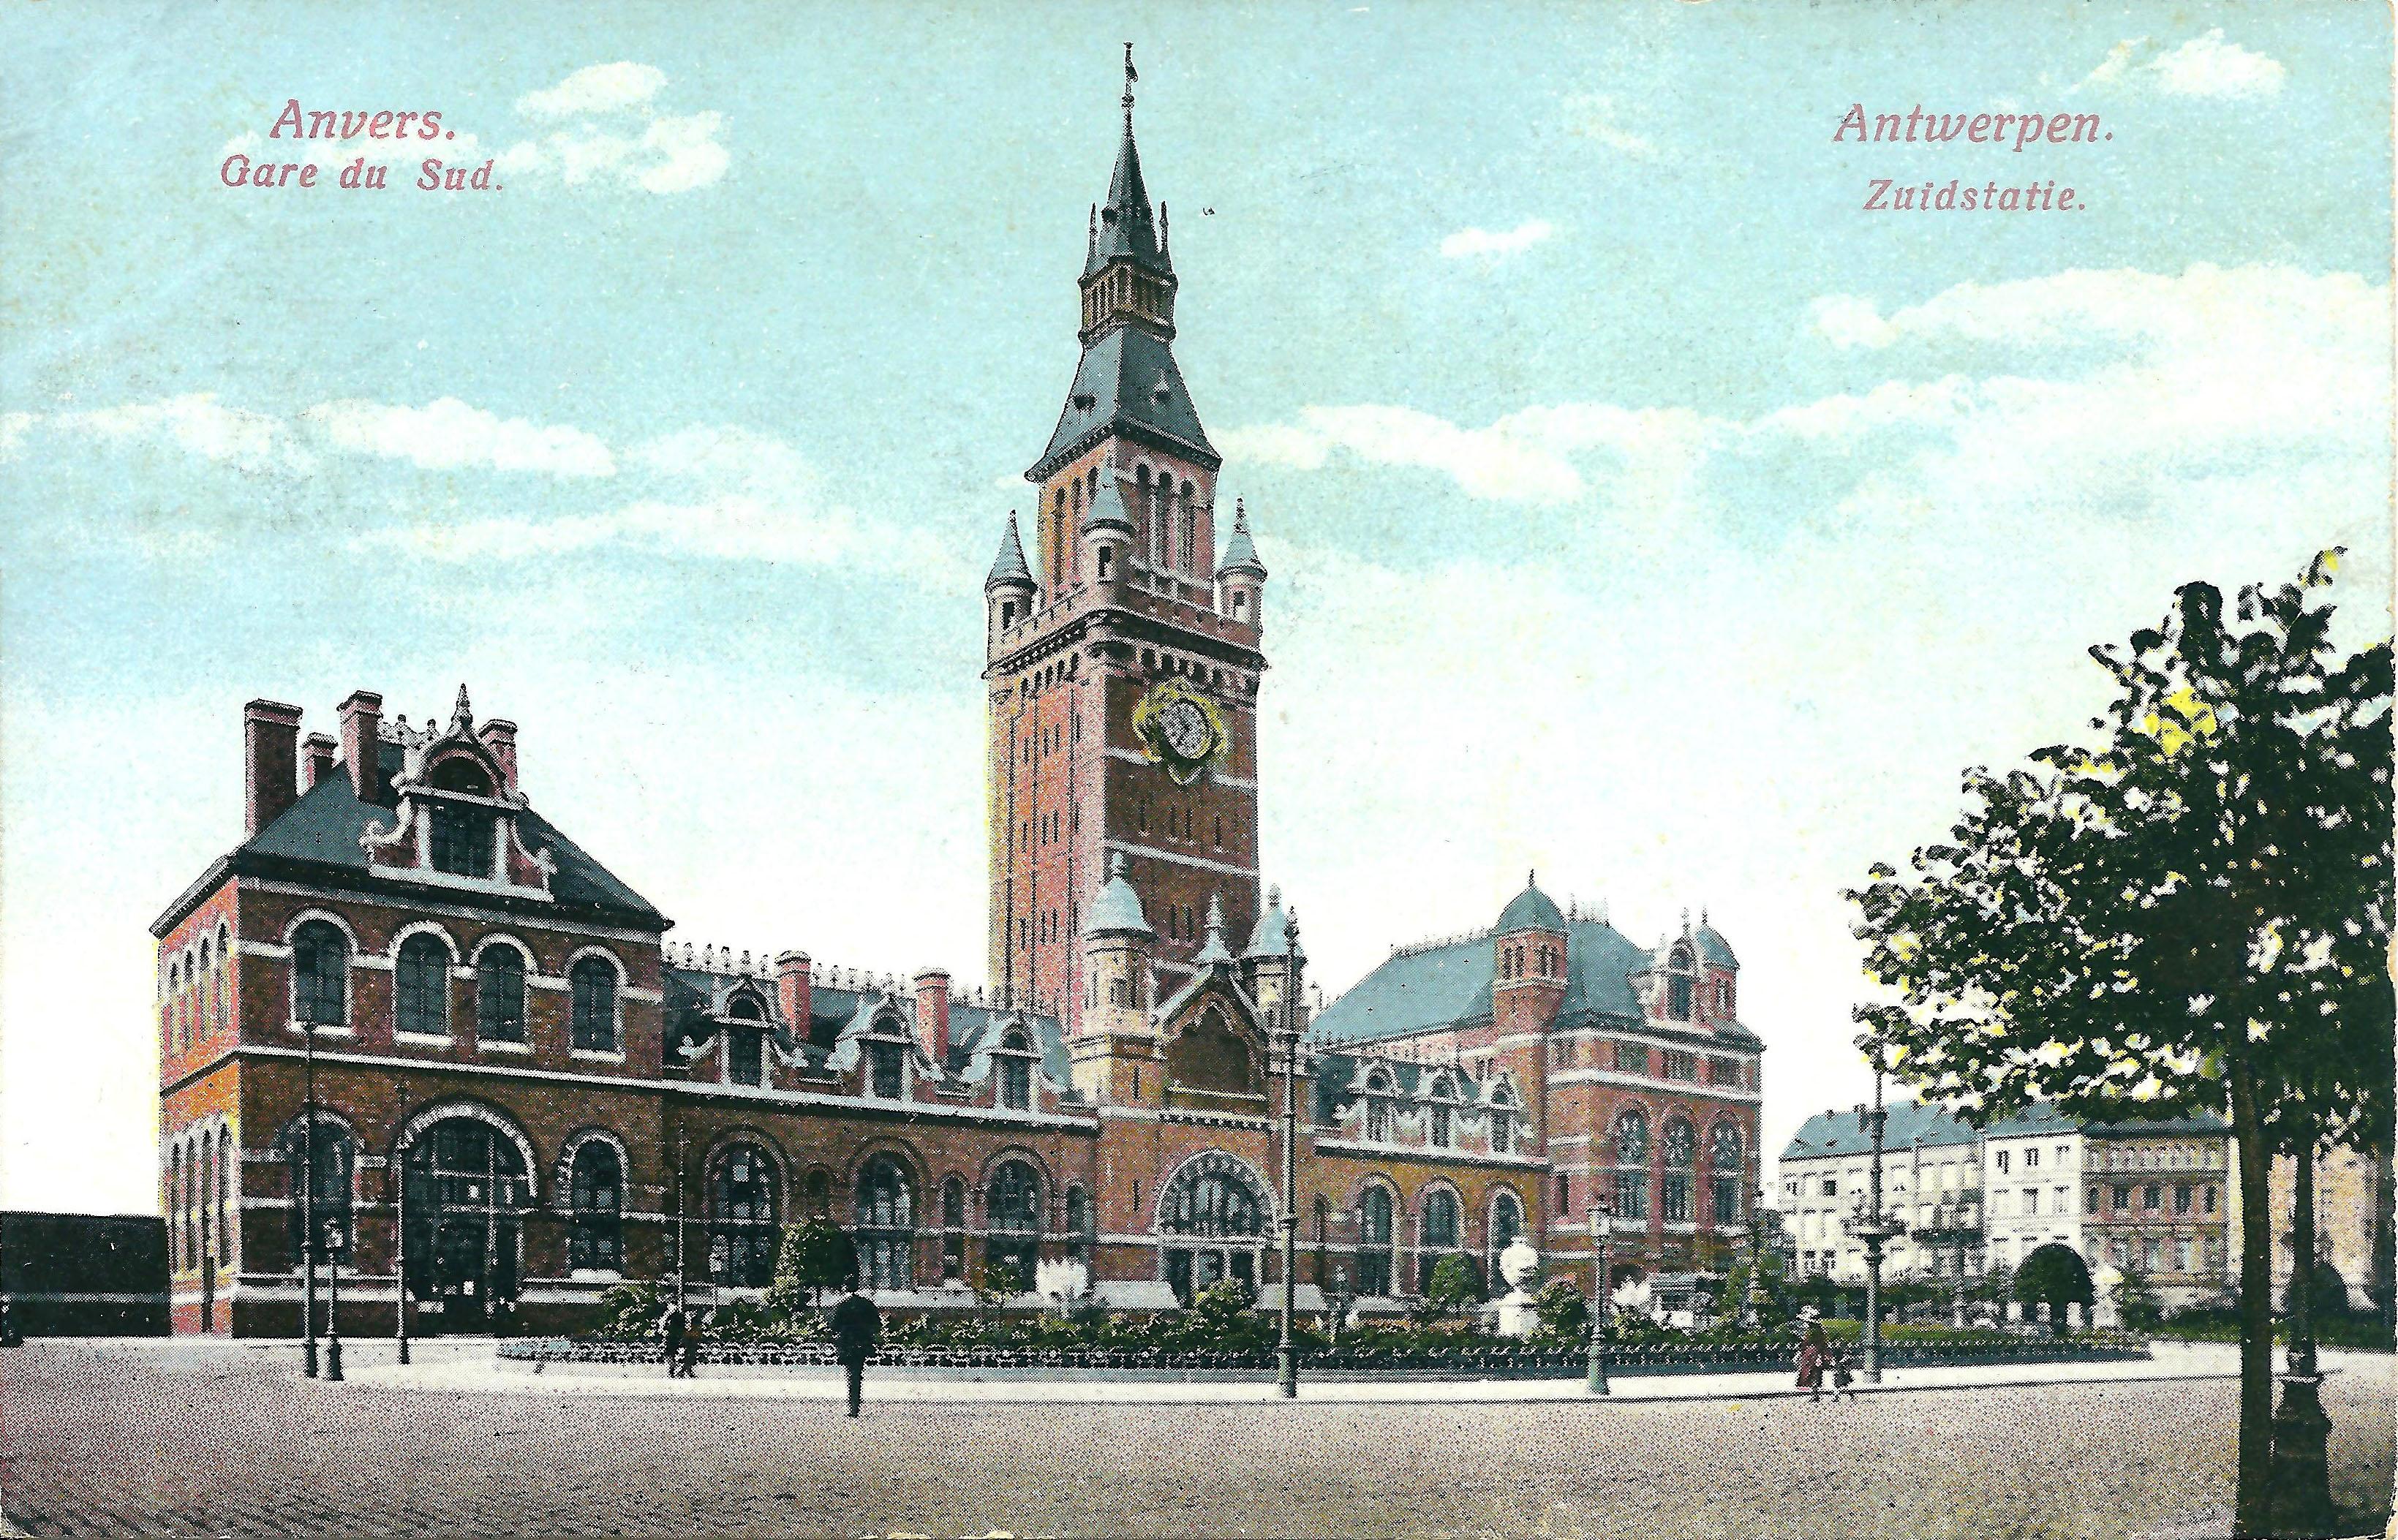 Station Antwerpen-Zuid - Wikiwand